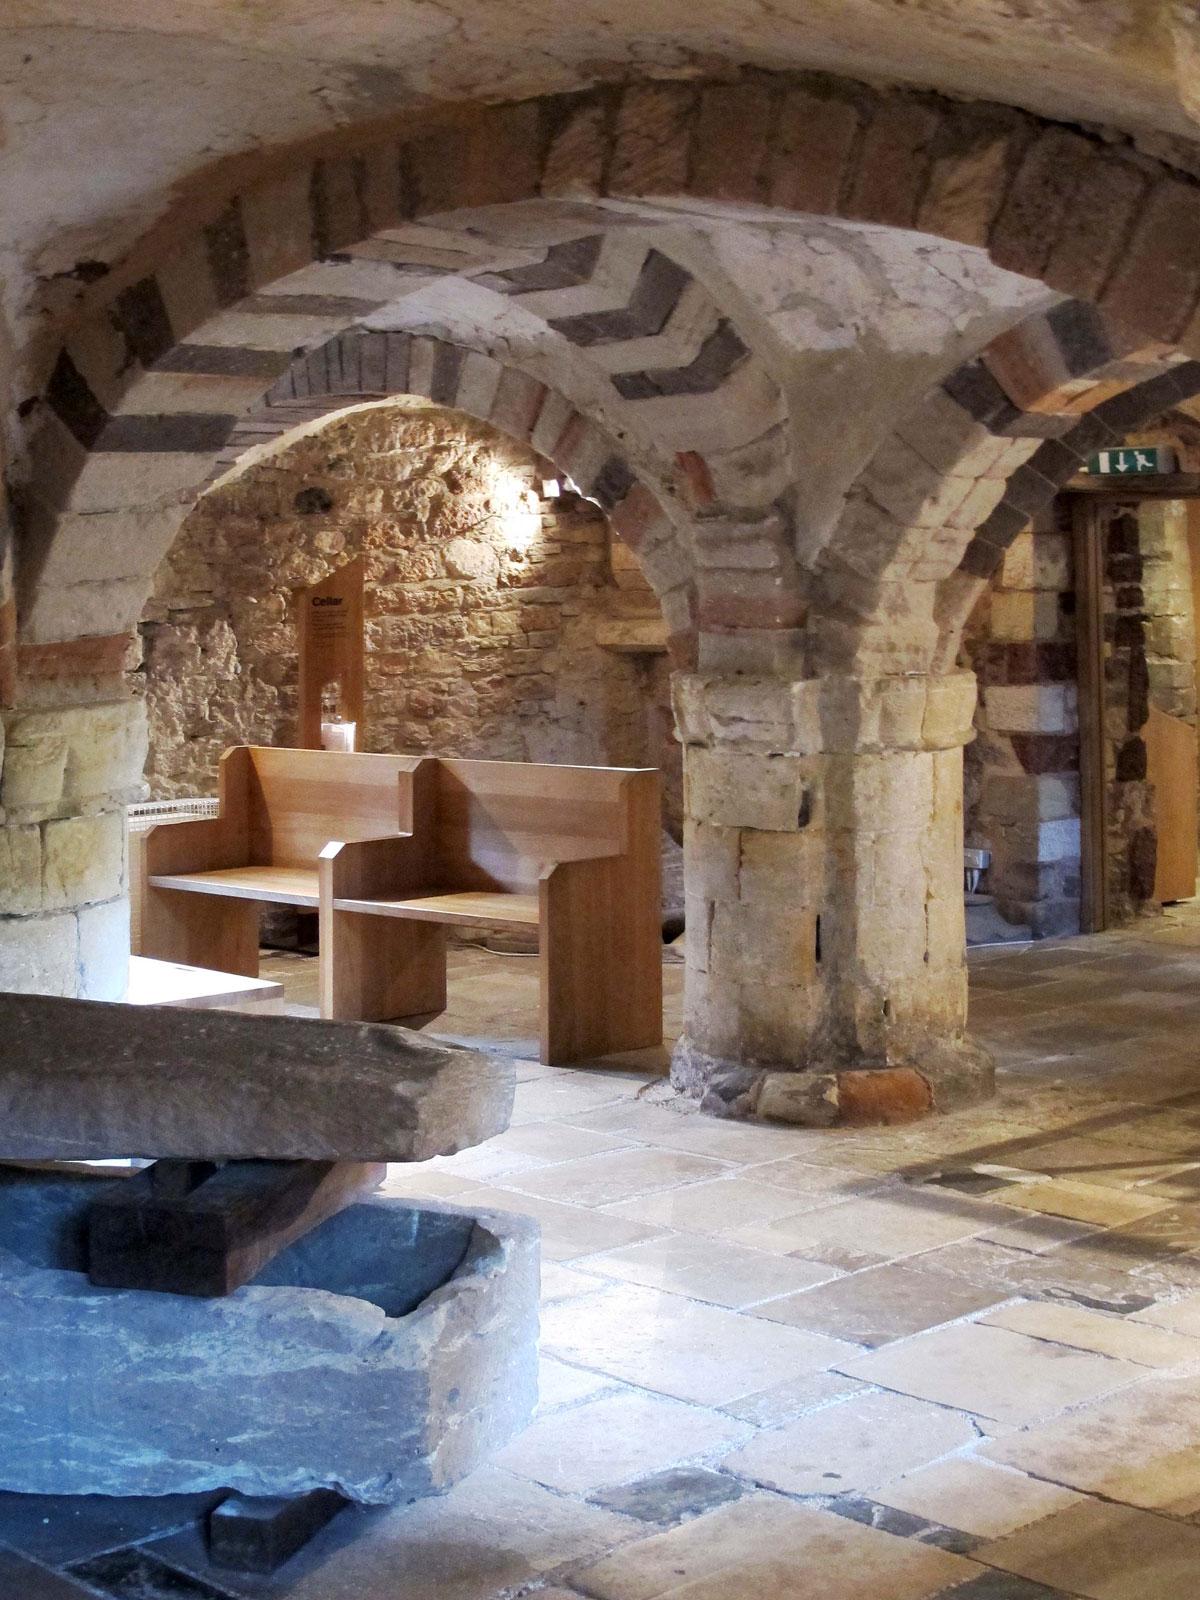 St Nicholas Priory - The Cellar